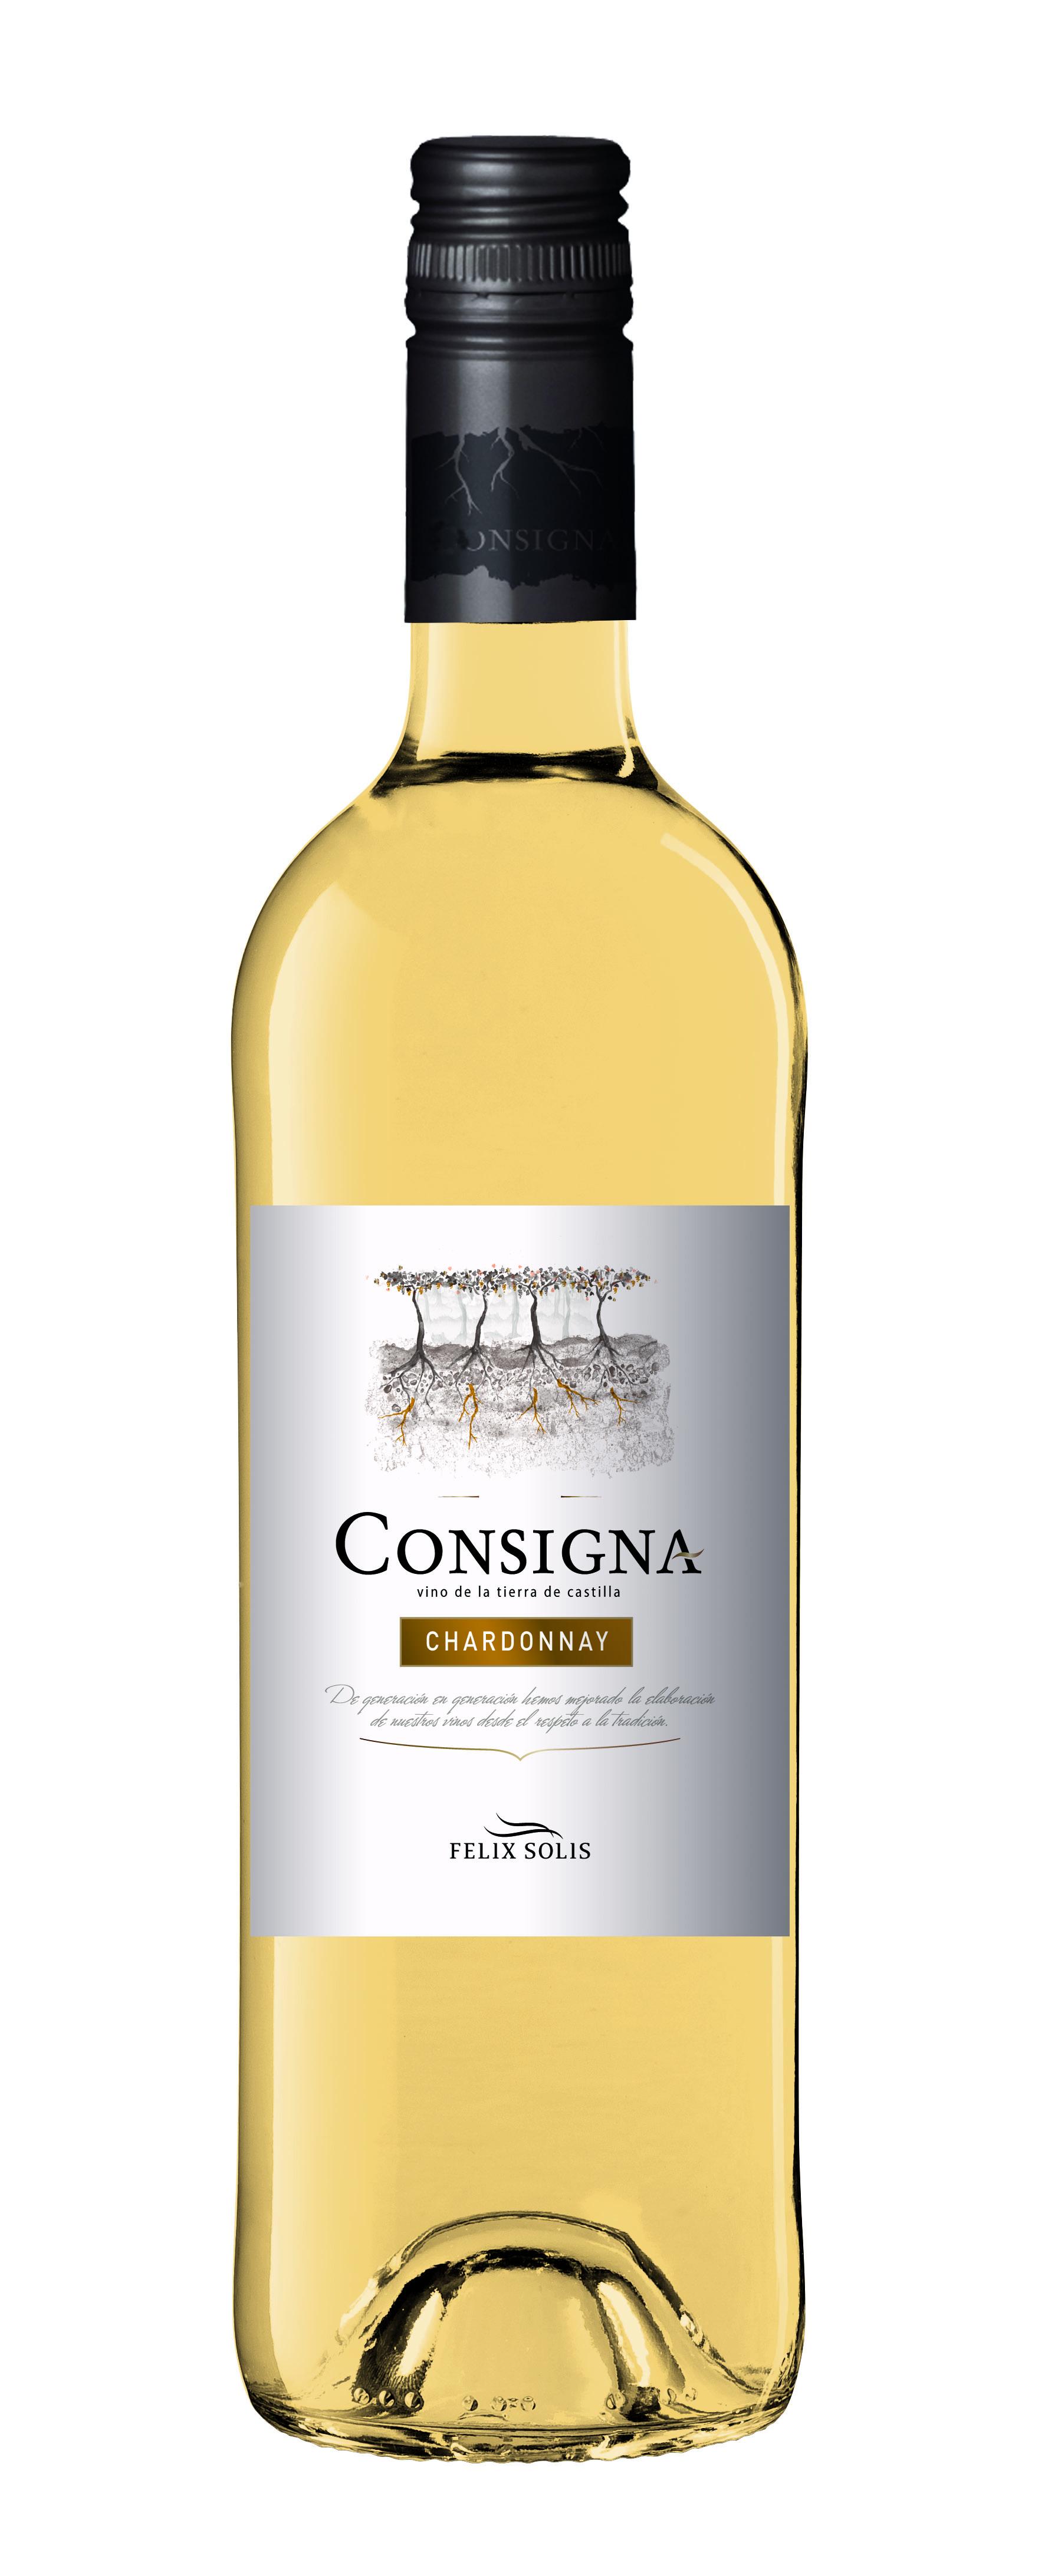 2016 Consigna Chardonnay Vinos de la Tierra de Castilla Felix Solis